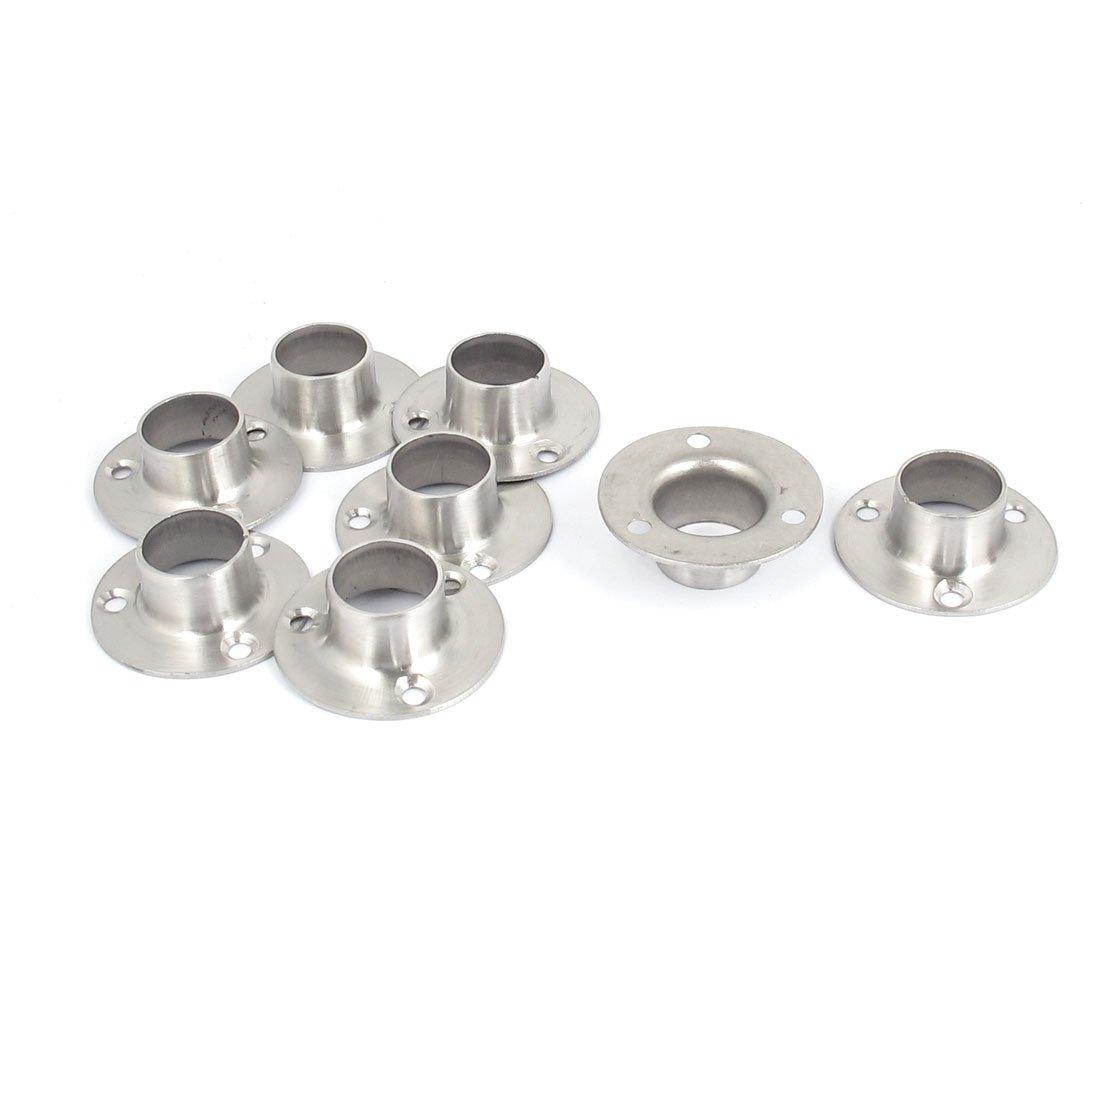 5 Stück Kleiderschrank Spurstangenkopf Kleiderstange Halterung für 32mm Rohr